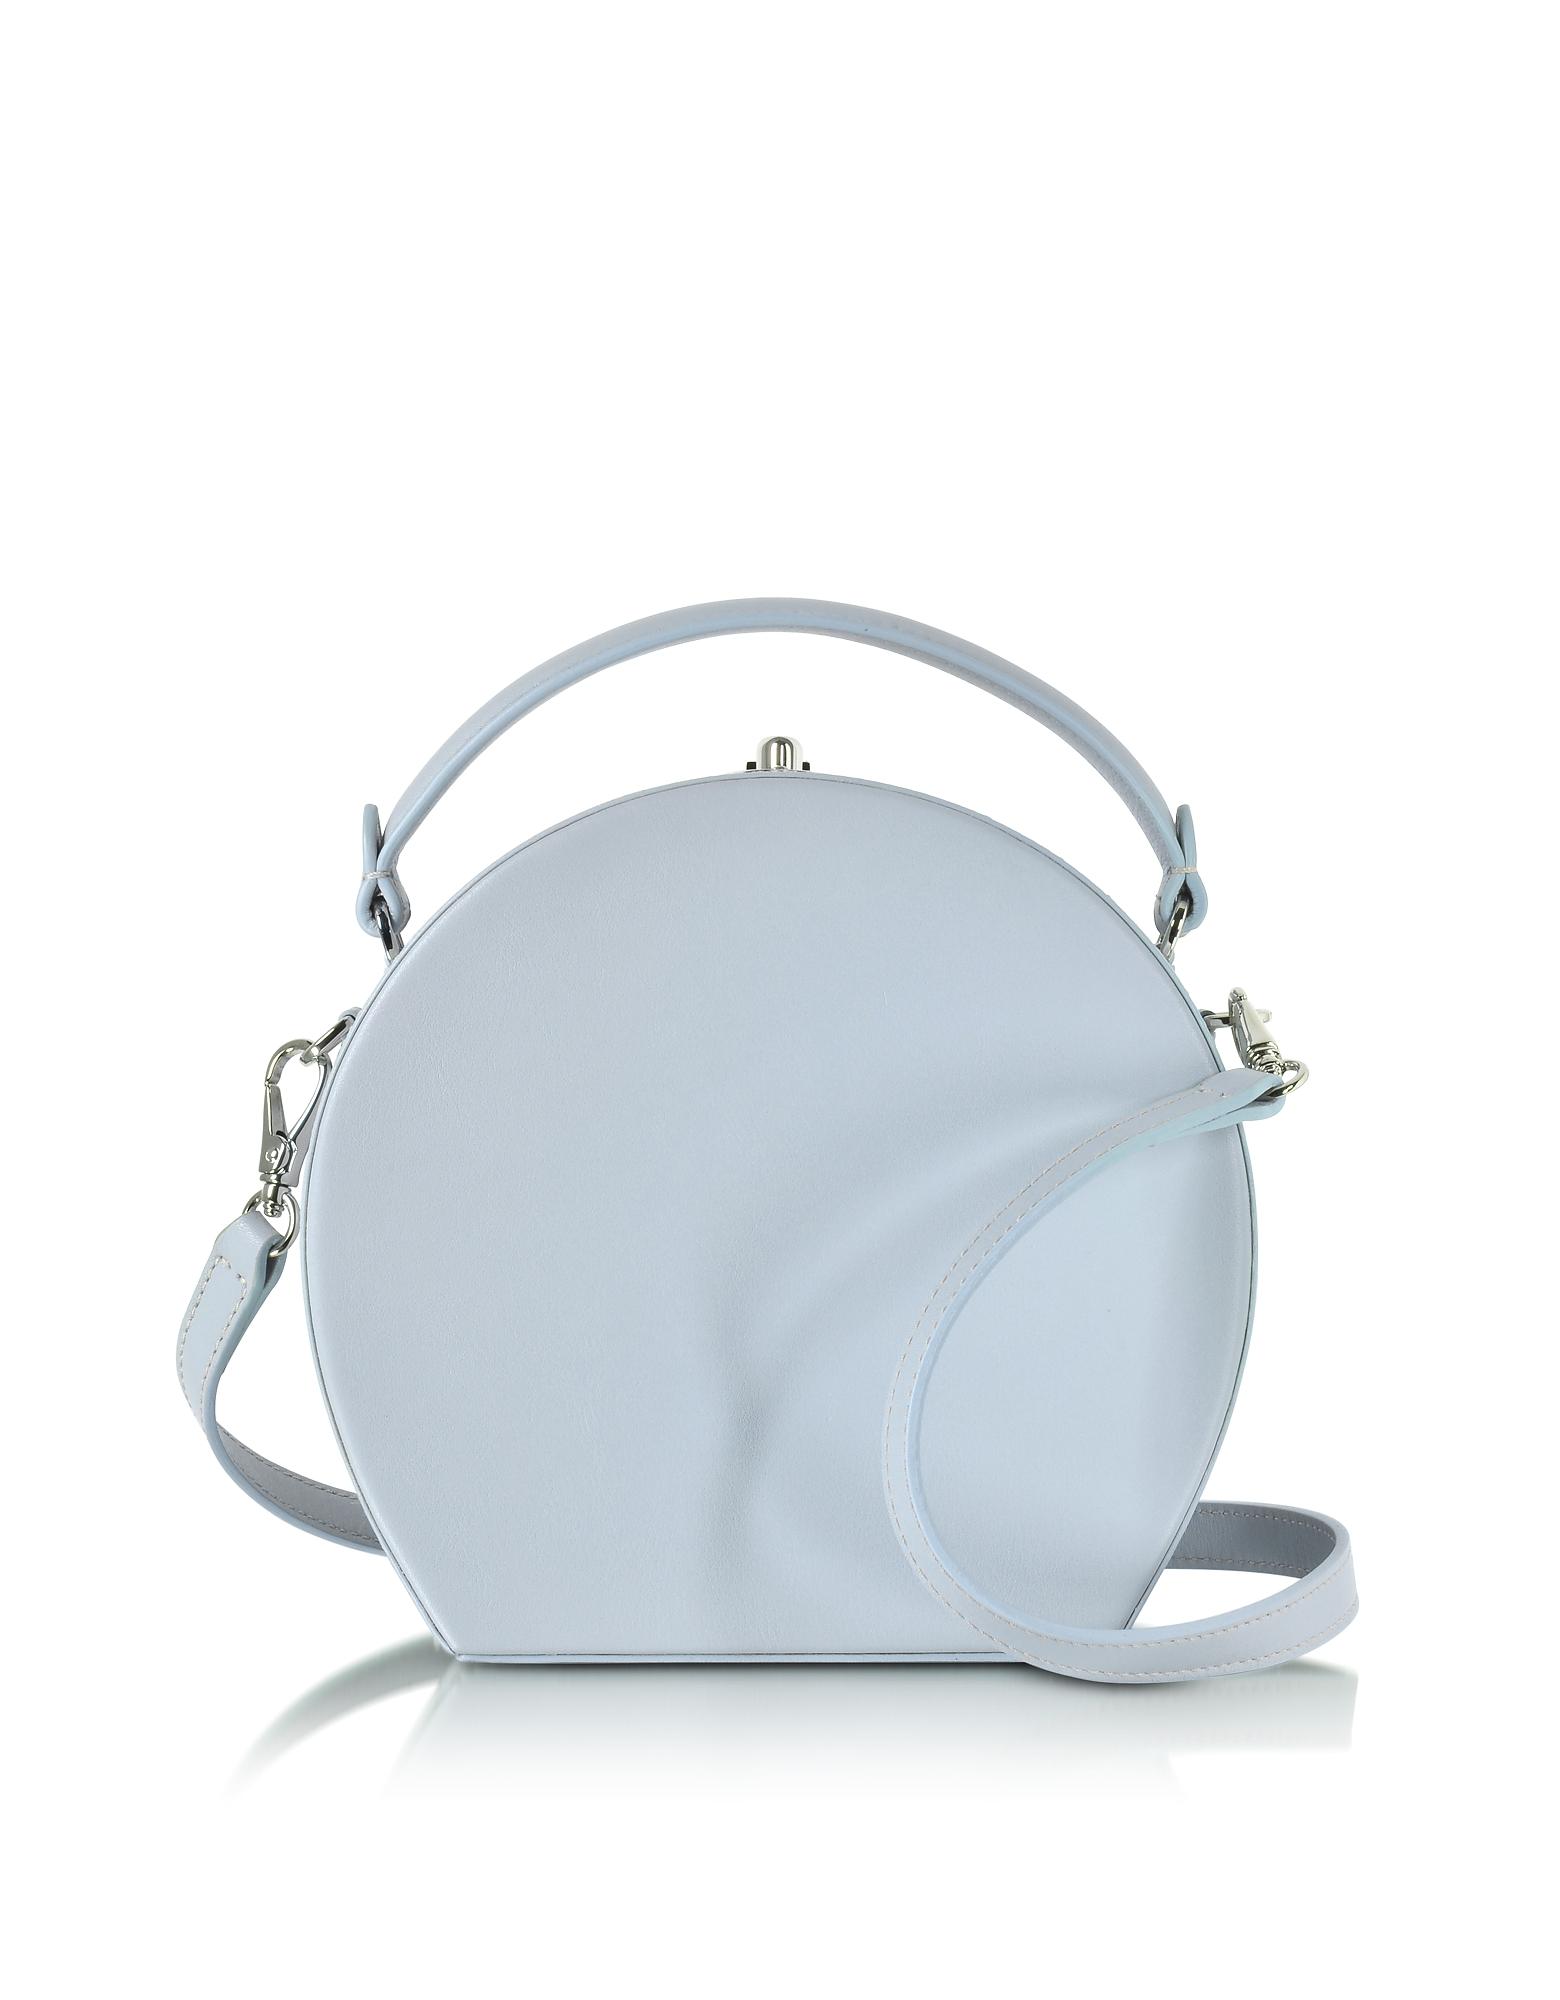 Bertoni Pale Blue Leather Bertoncina Satchel Bag